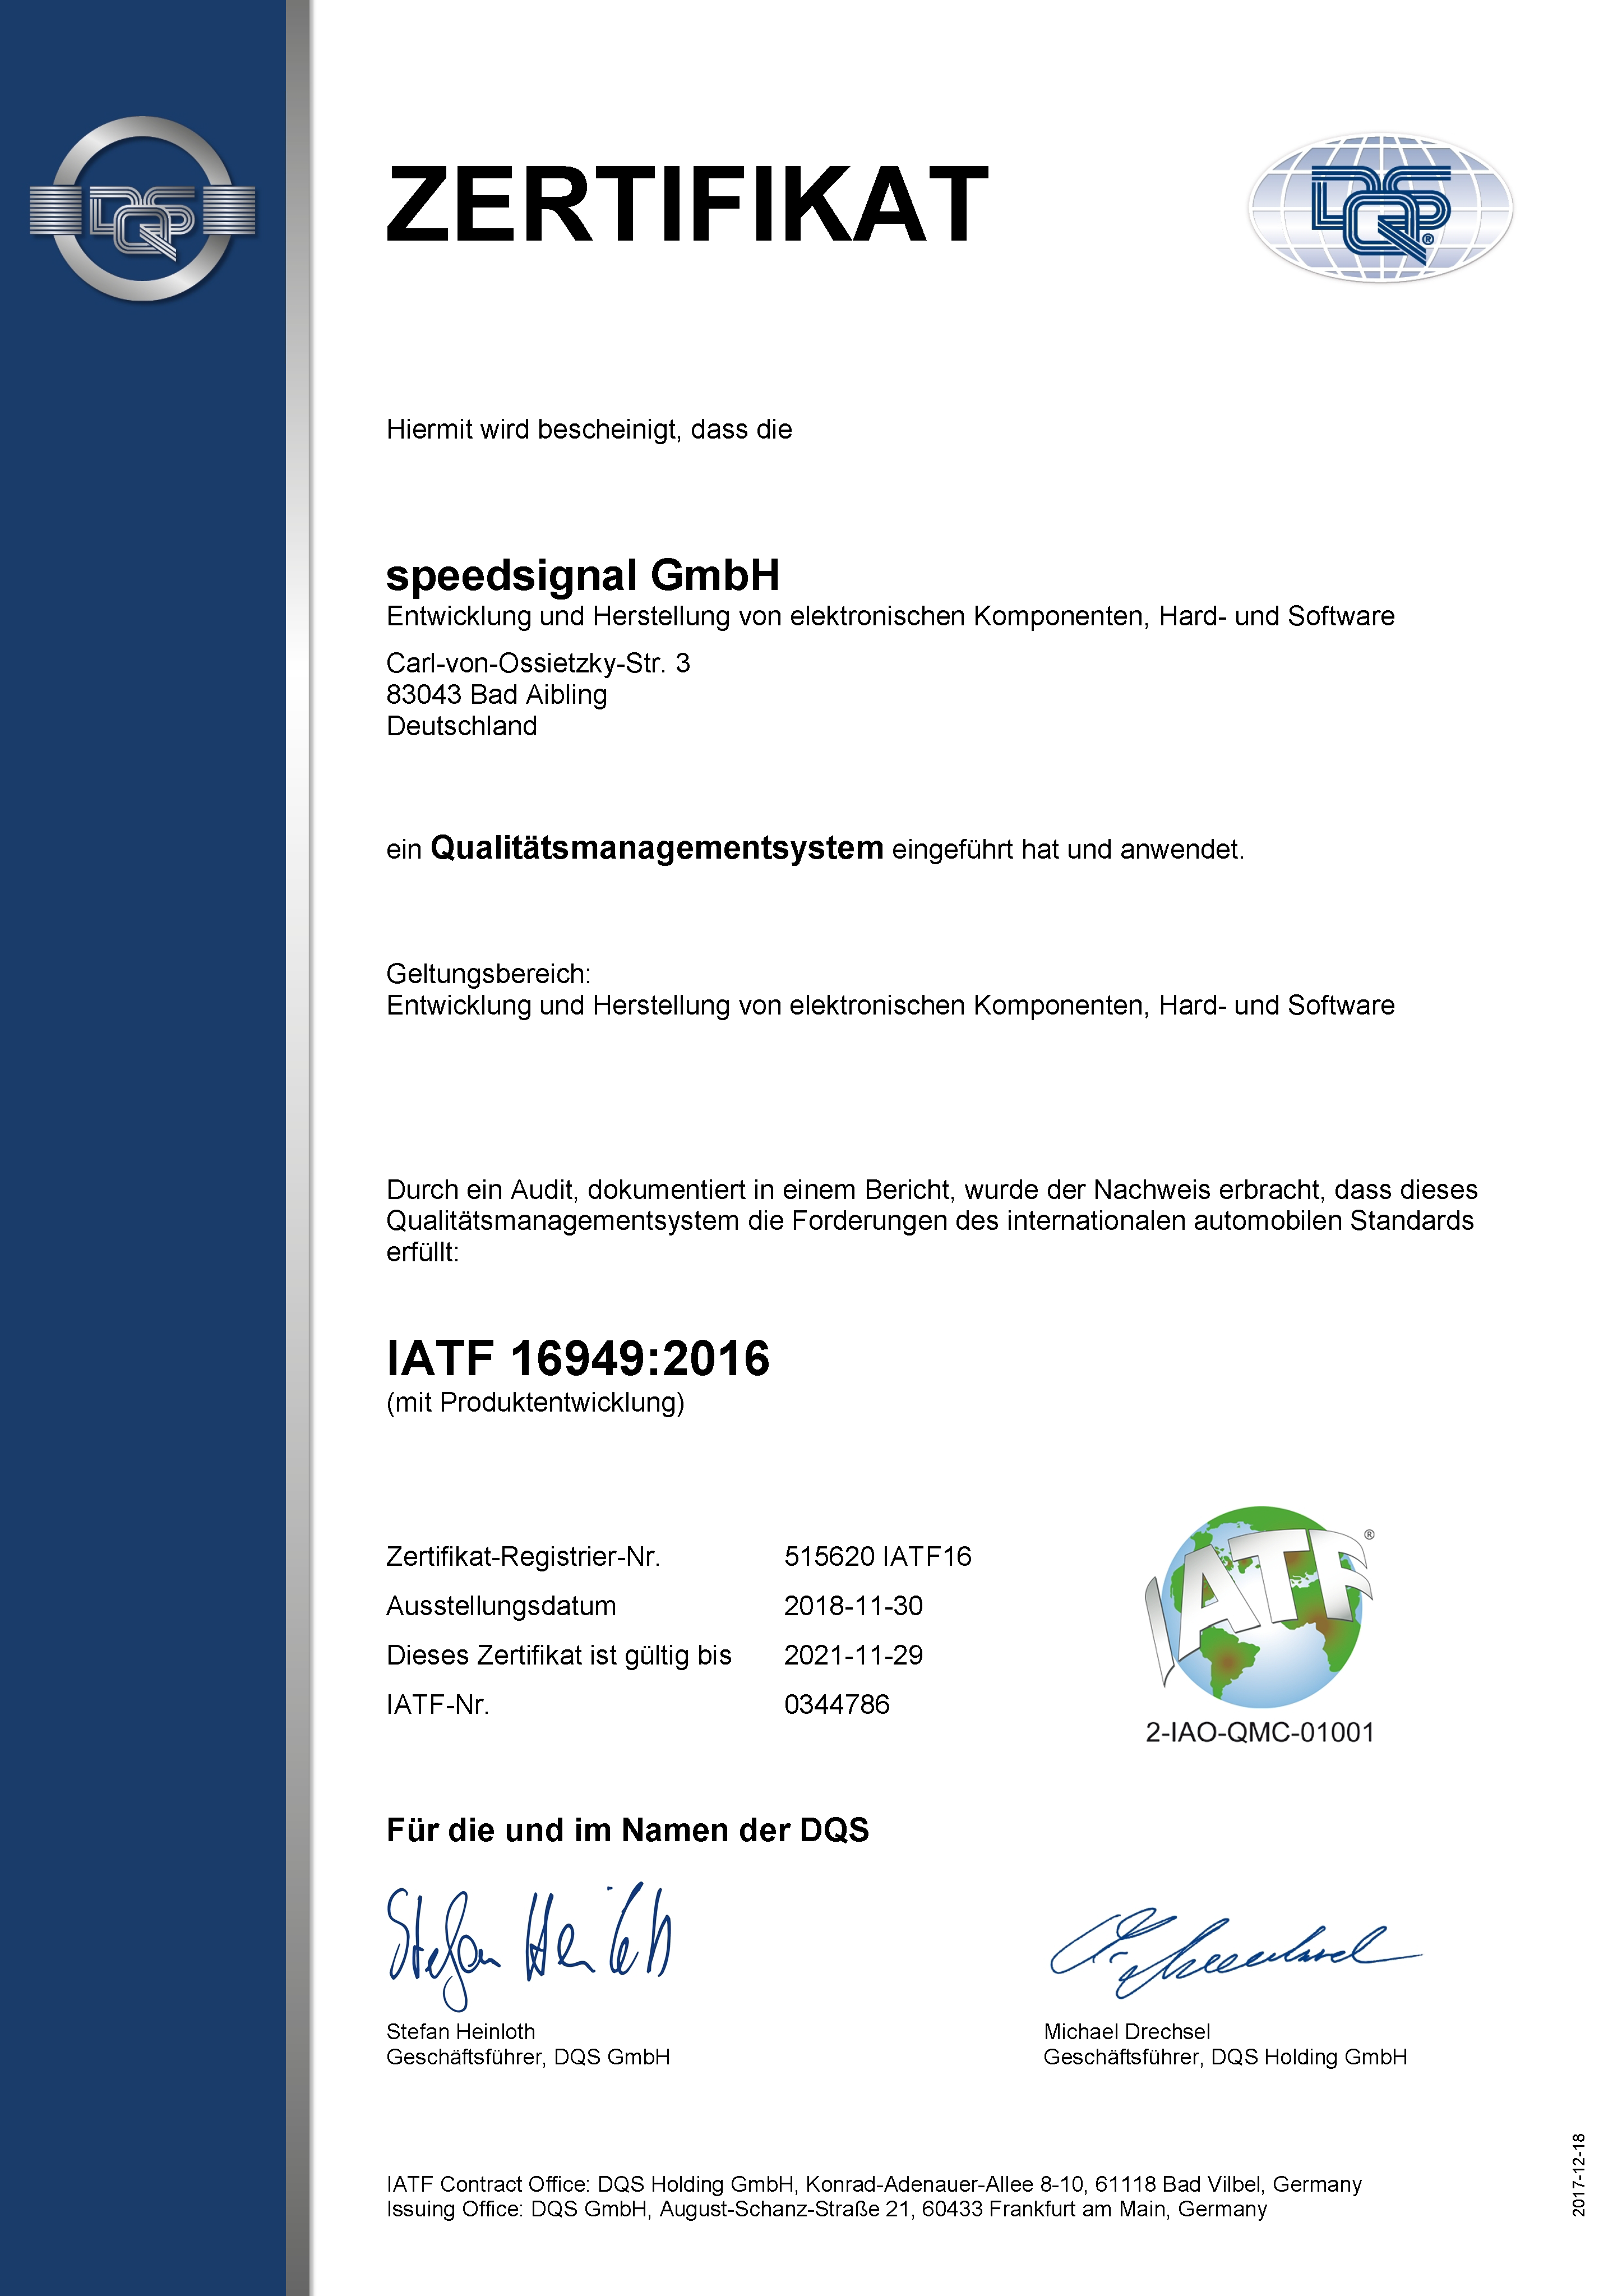 IATF16949 Zertifikat